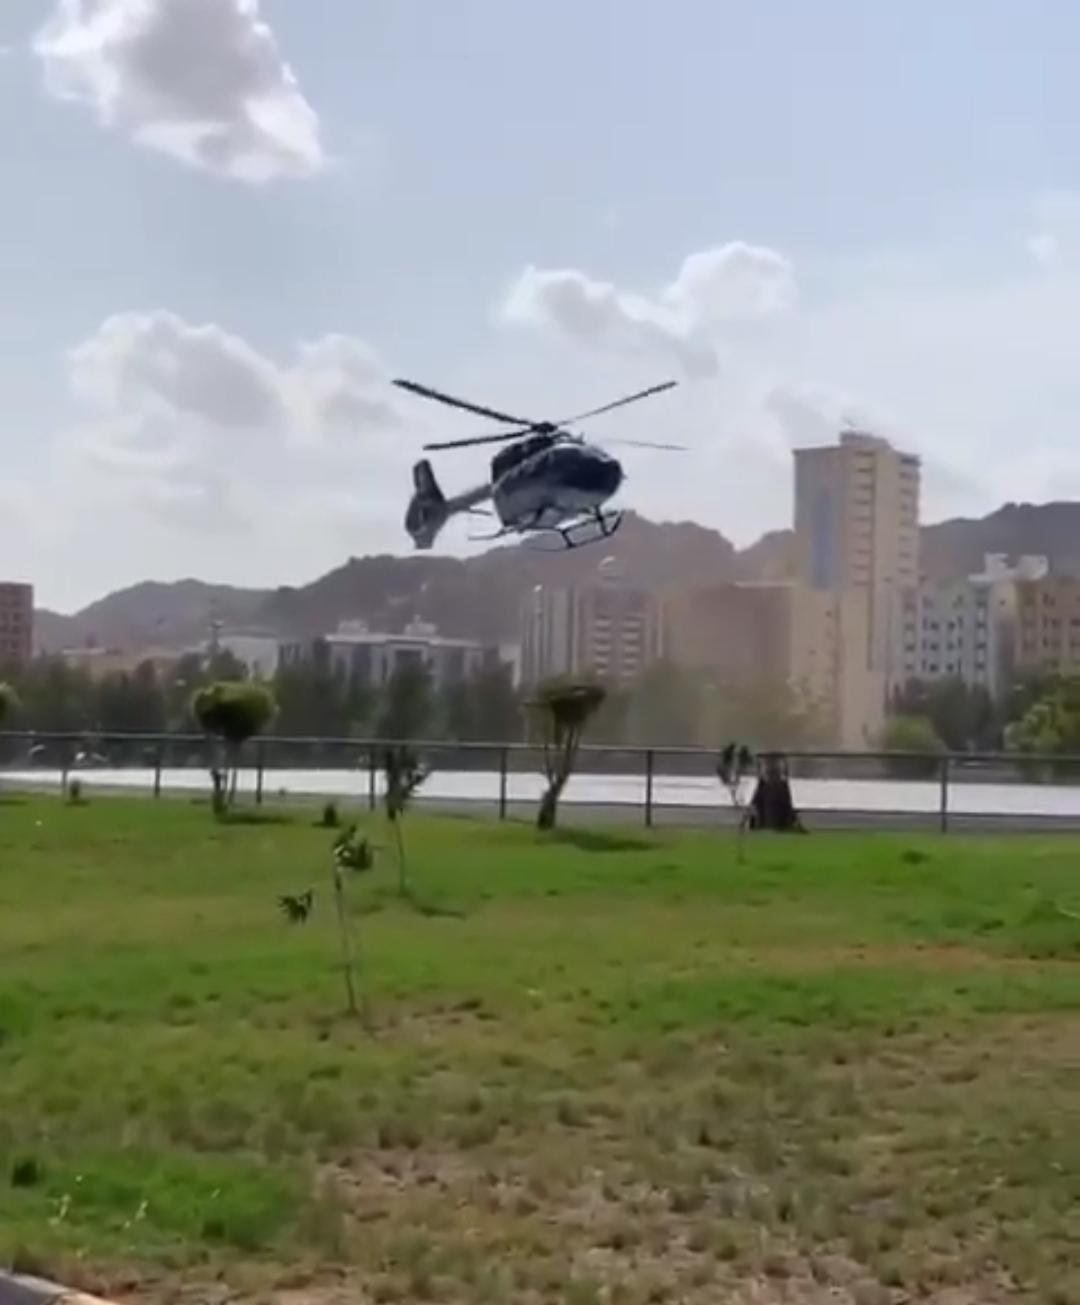 شاهد كيف تم اخلاء حاج (إيراني)  بطائرة خاصة من المشاعر لتعرضه لأزمة قلبيه